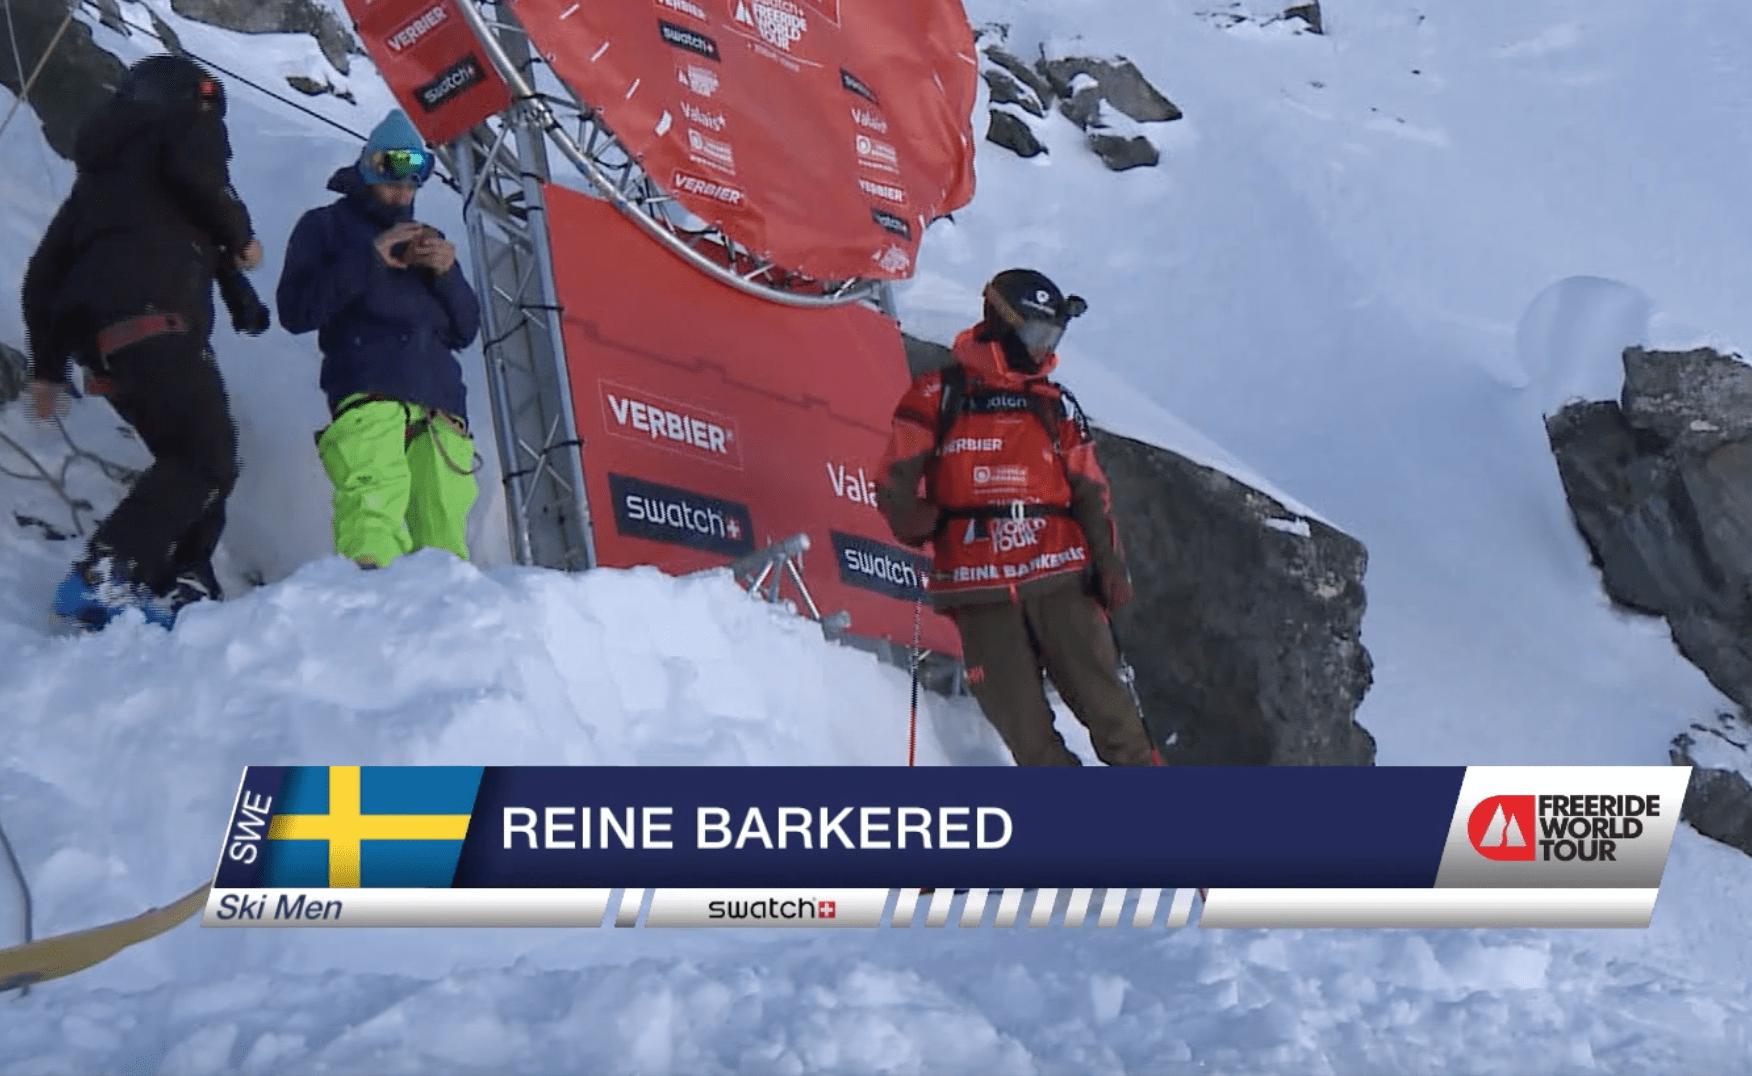 Reine Barkered -Freeride World Tour Verbier